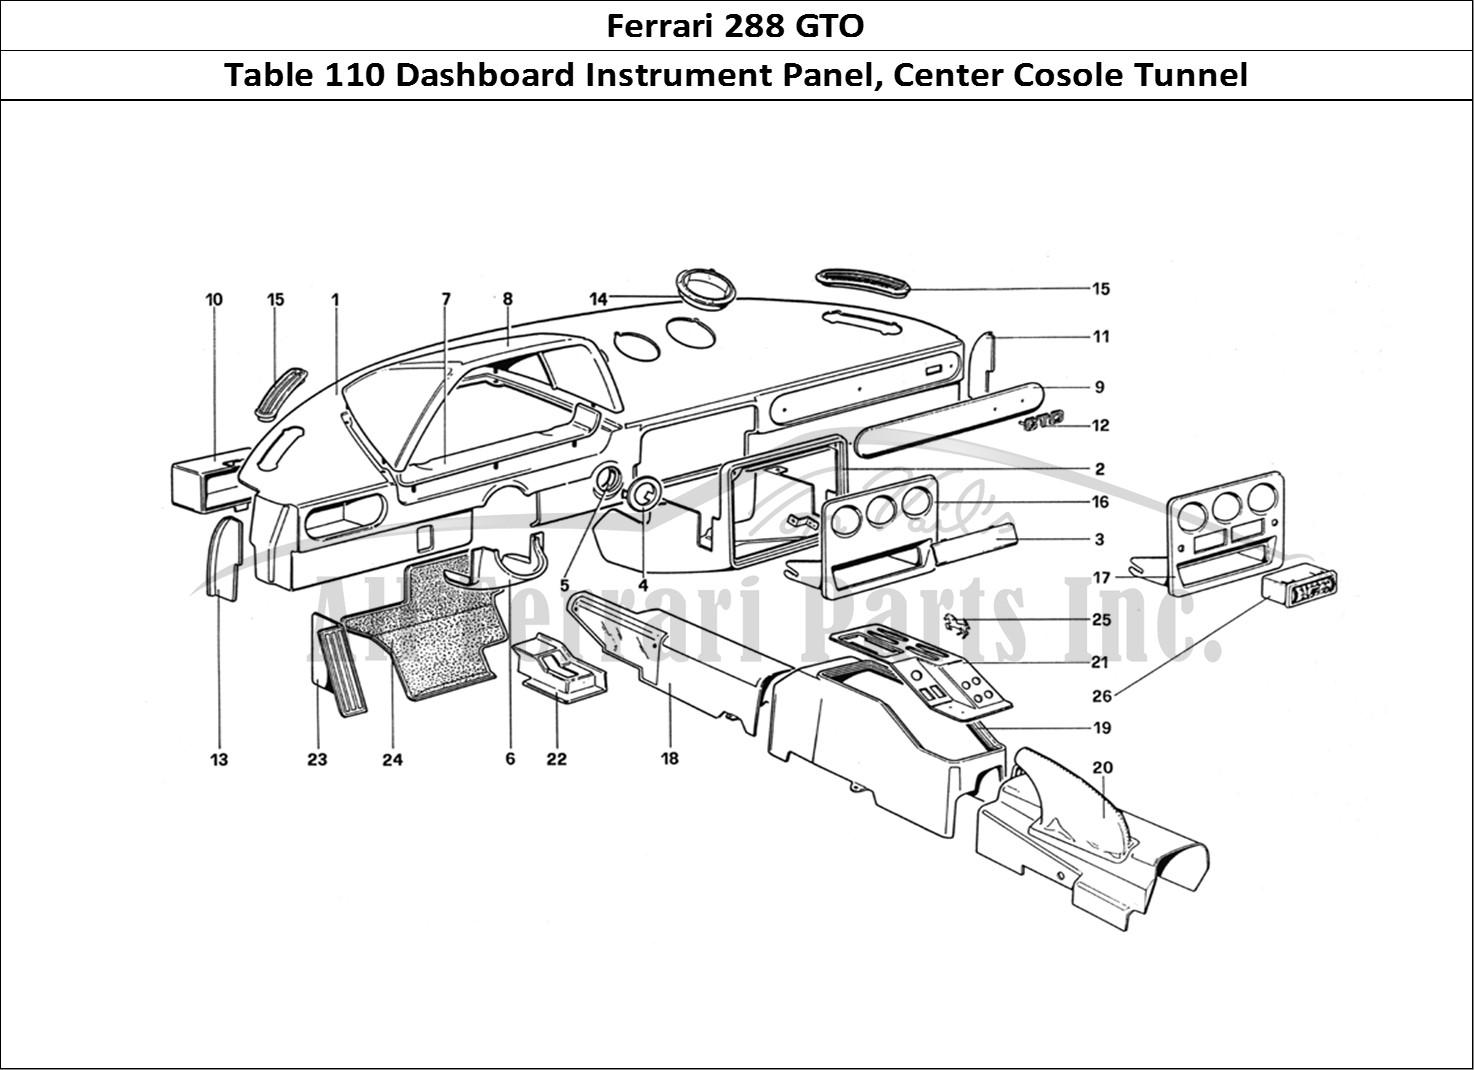 Buy Original Ferrari 288 Gto 110 Dashboard Instrument Panel Center Cosole Tunnel Ferrari Parts